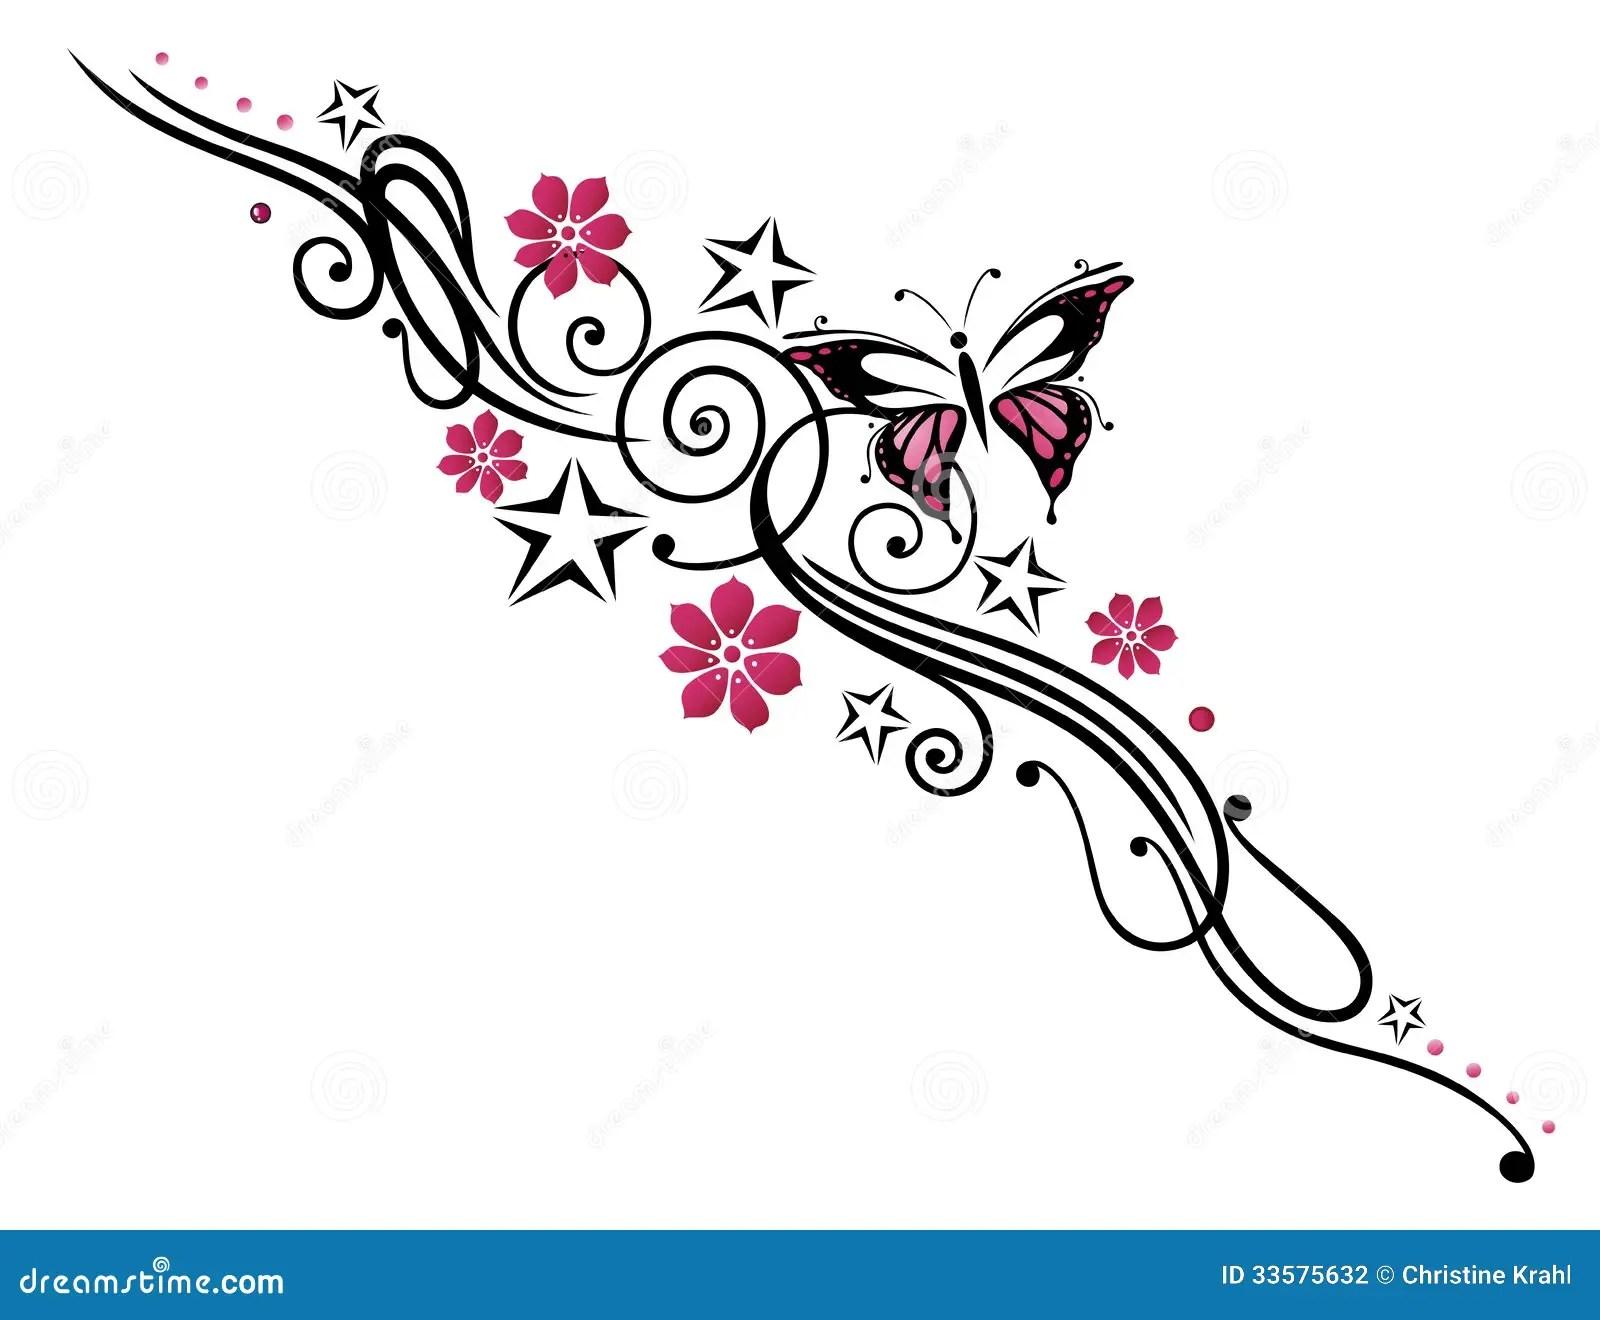 Blumen Schmetterling Ranke Vektor Abbildung Bild 33575632